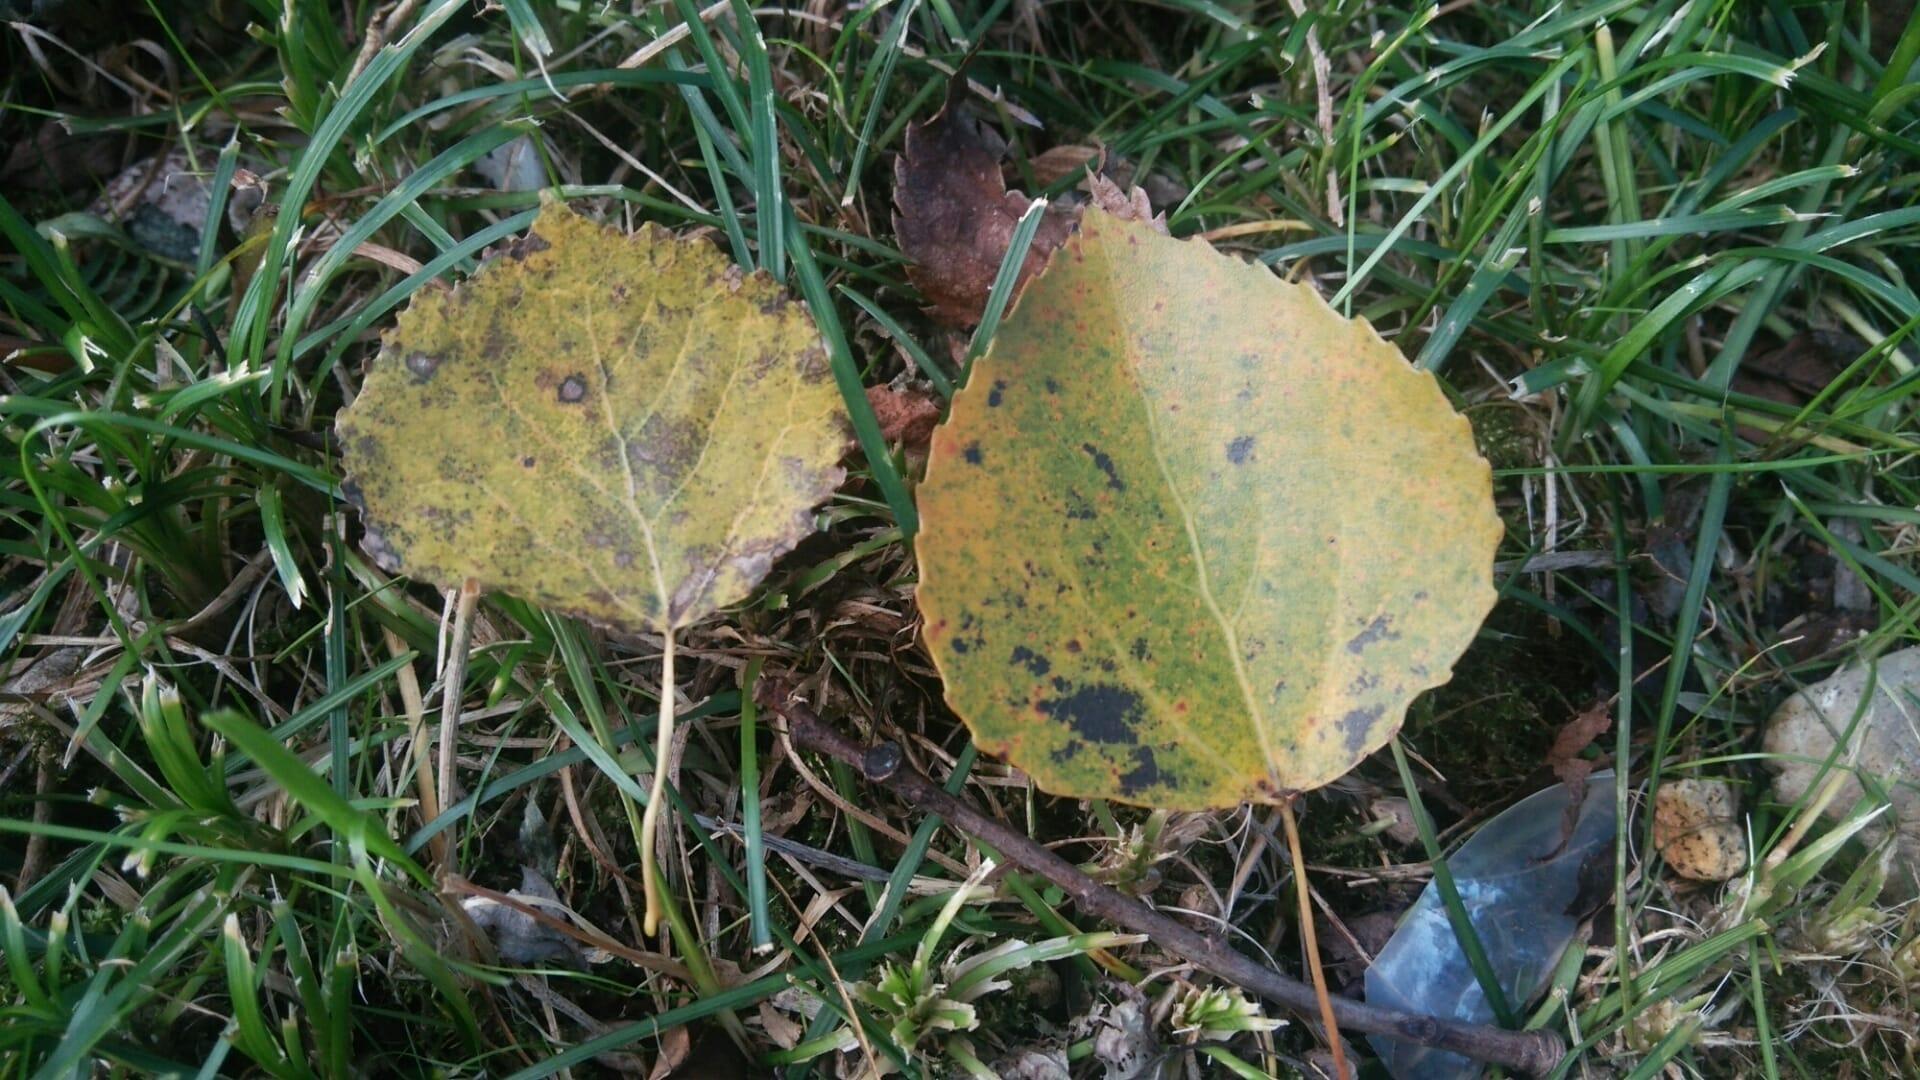 アスペン(ヨーロッパヤマナラシ)の葉(右)と日本のヤマナラシの葉